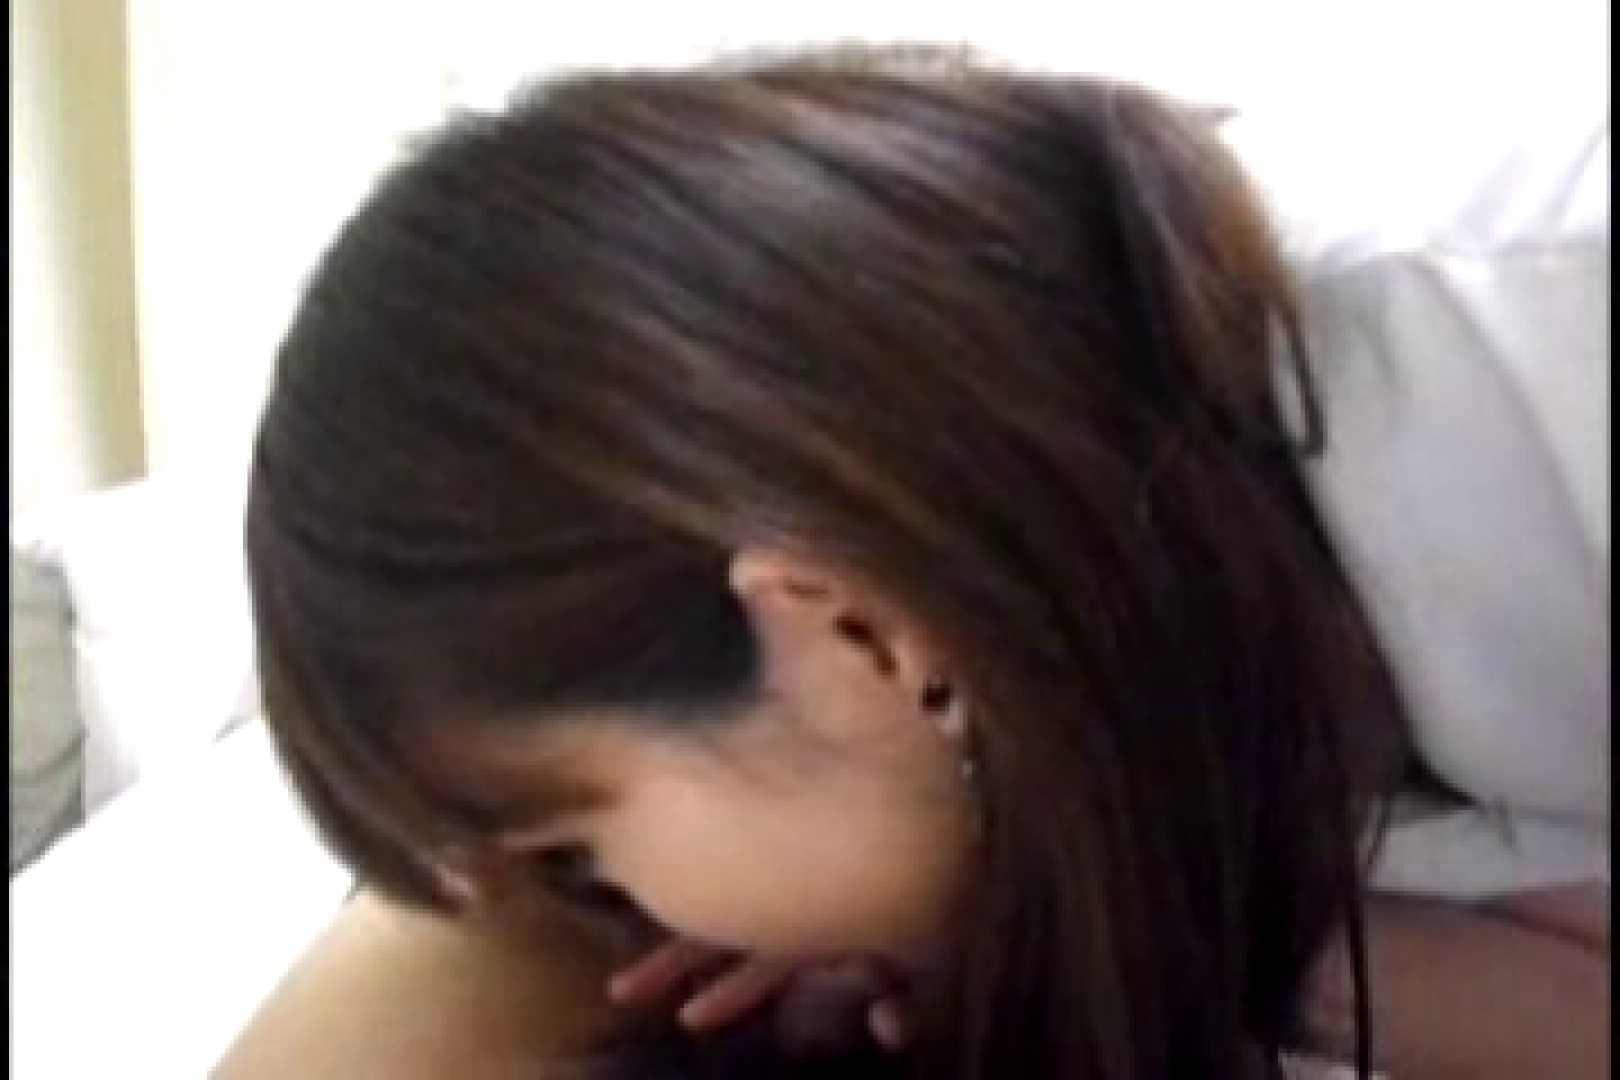 ヤリマンと呼ばれた看護士さんvol1 OLのエッチ | シックスナイン  112pic 82